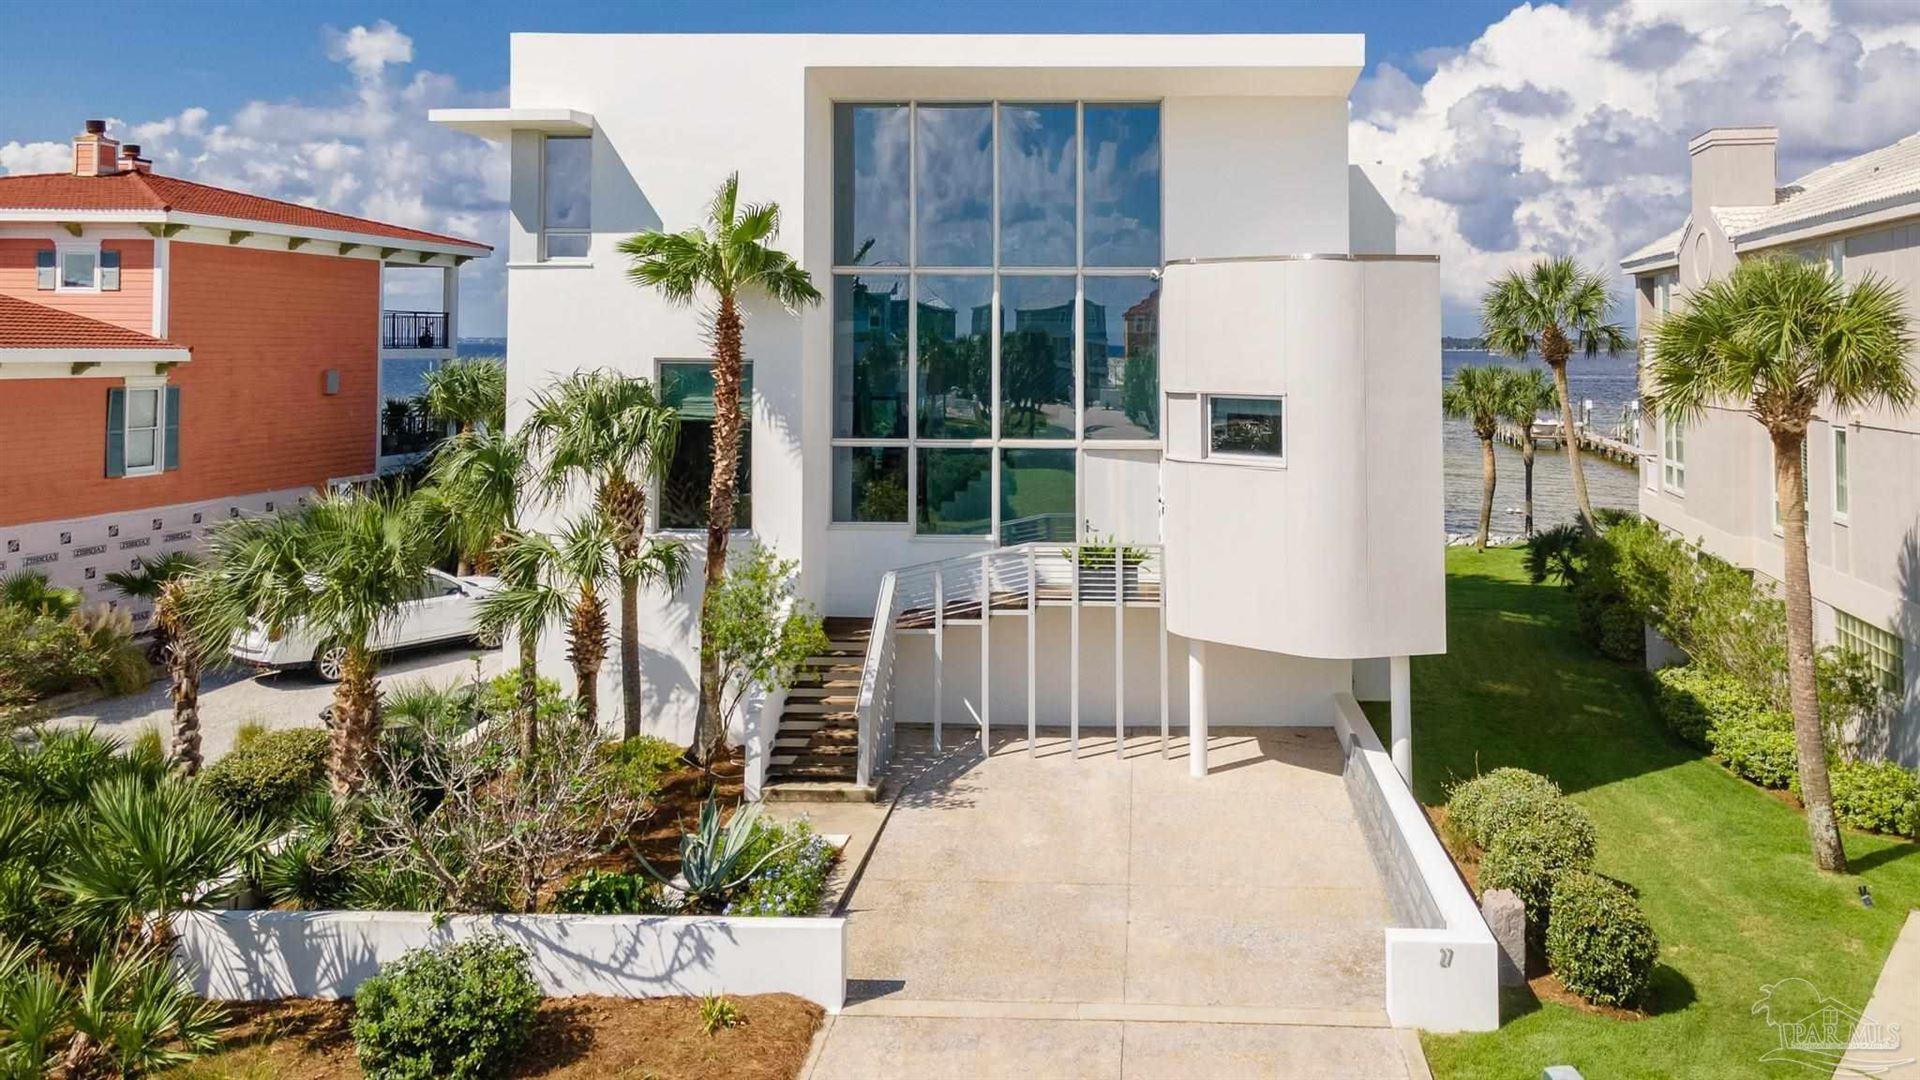 27 E Galvez Ct                                                                               Pensacola Beach                                                                      , FL - $4,000,000